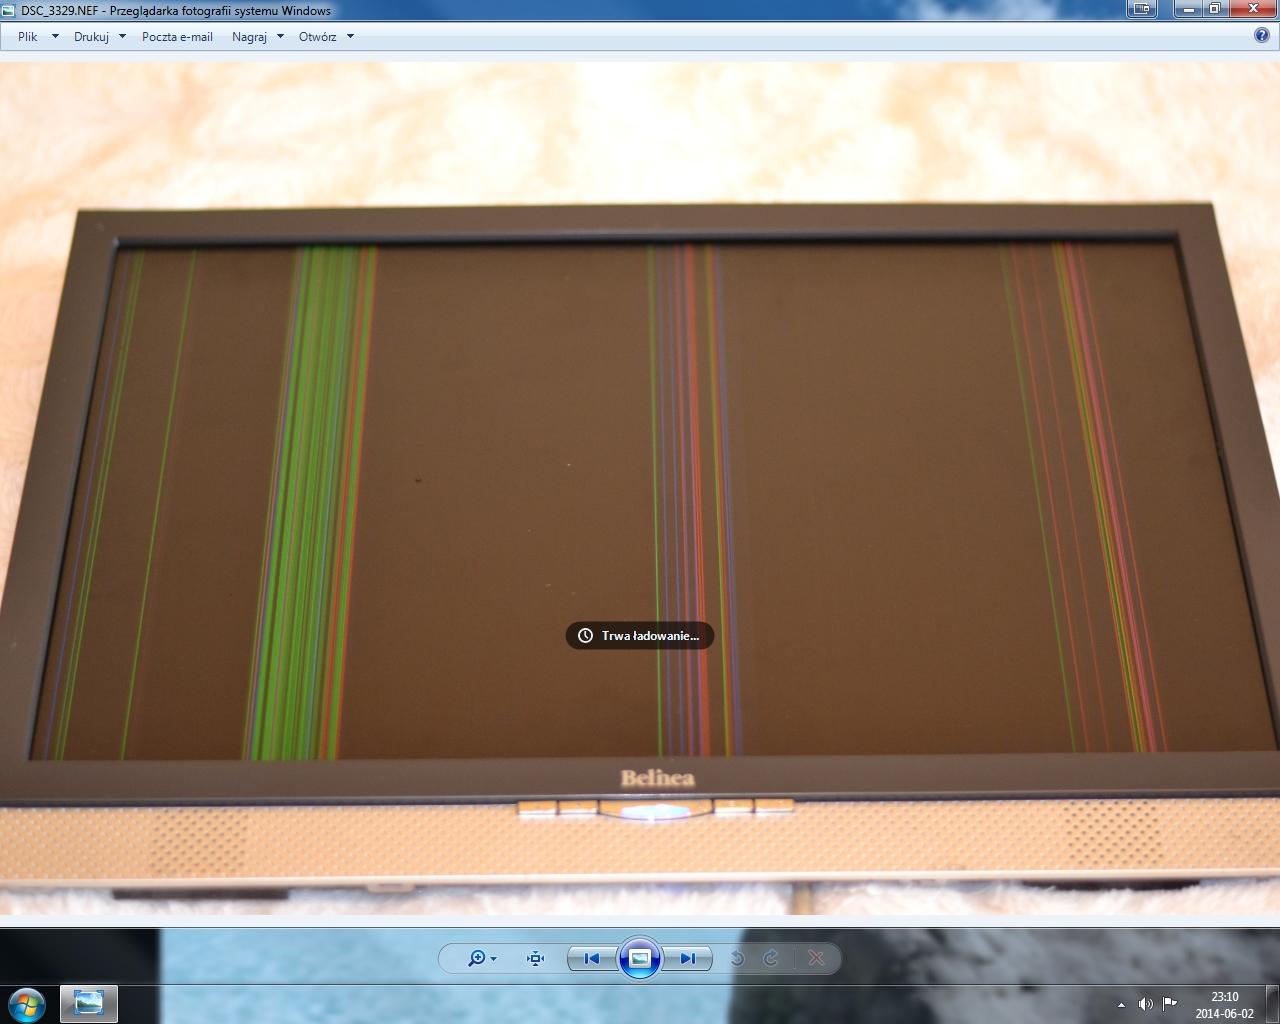 Belinea 102030W - Pionowe paski na ekranie